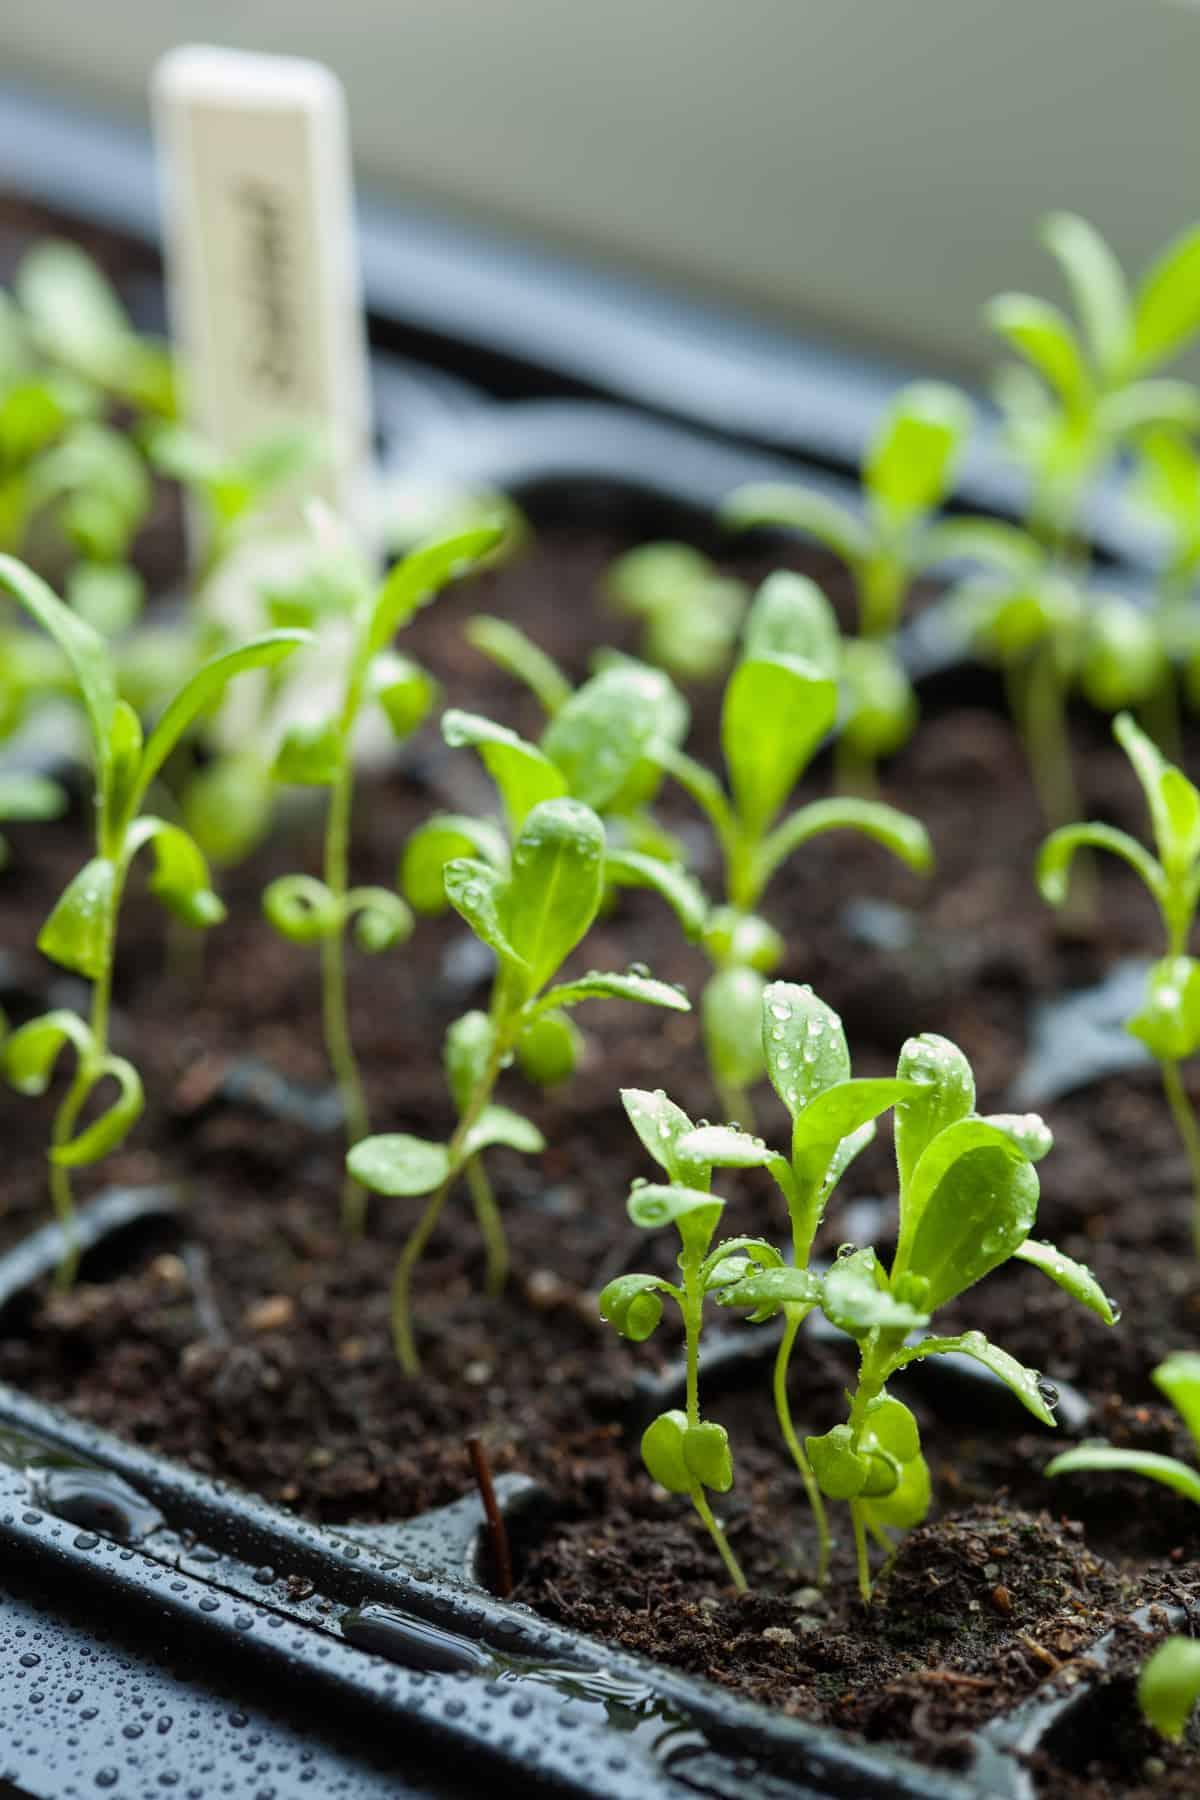 Vegetable seedlings in soil, to teach how to start seeds indoors